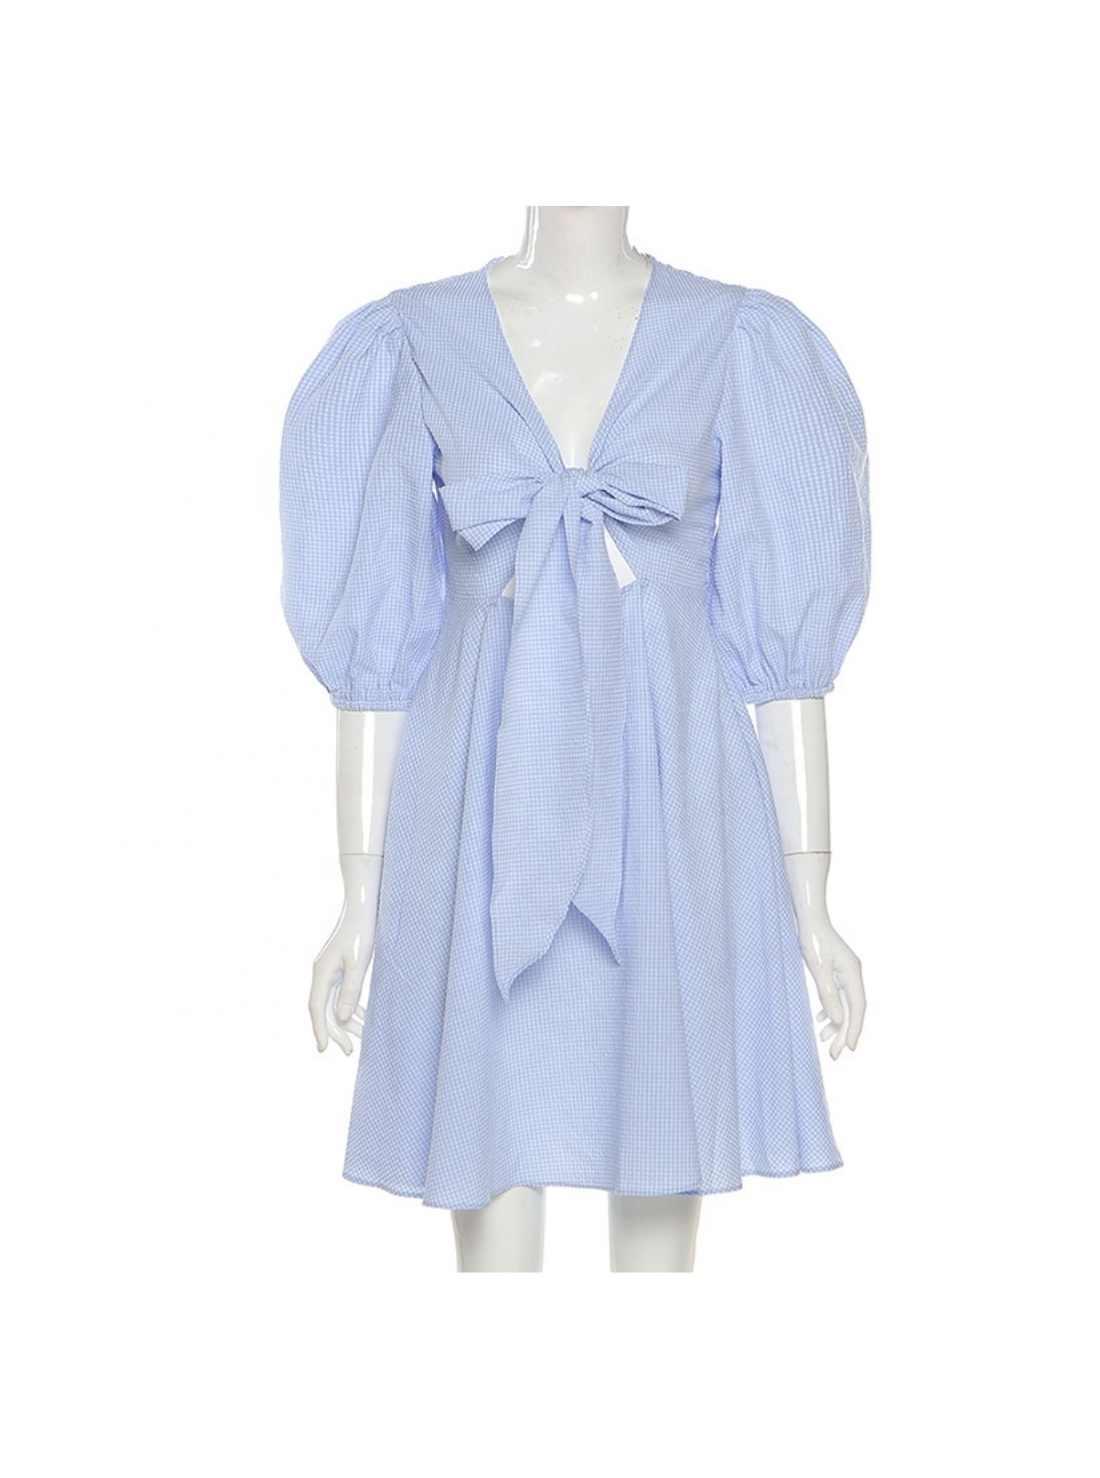 2021 Elegant Sturdy 1 Piece Dress